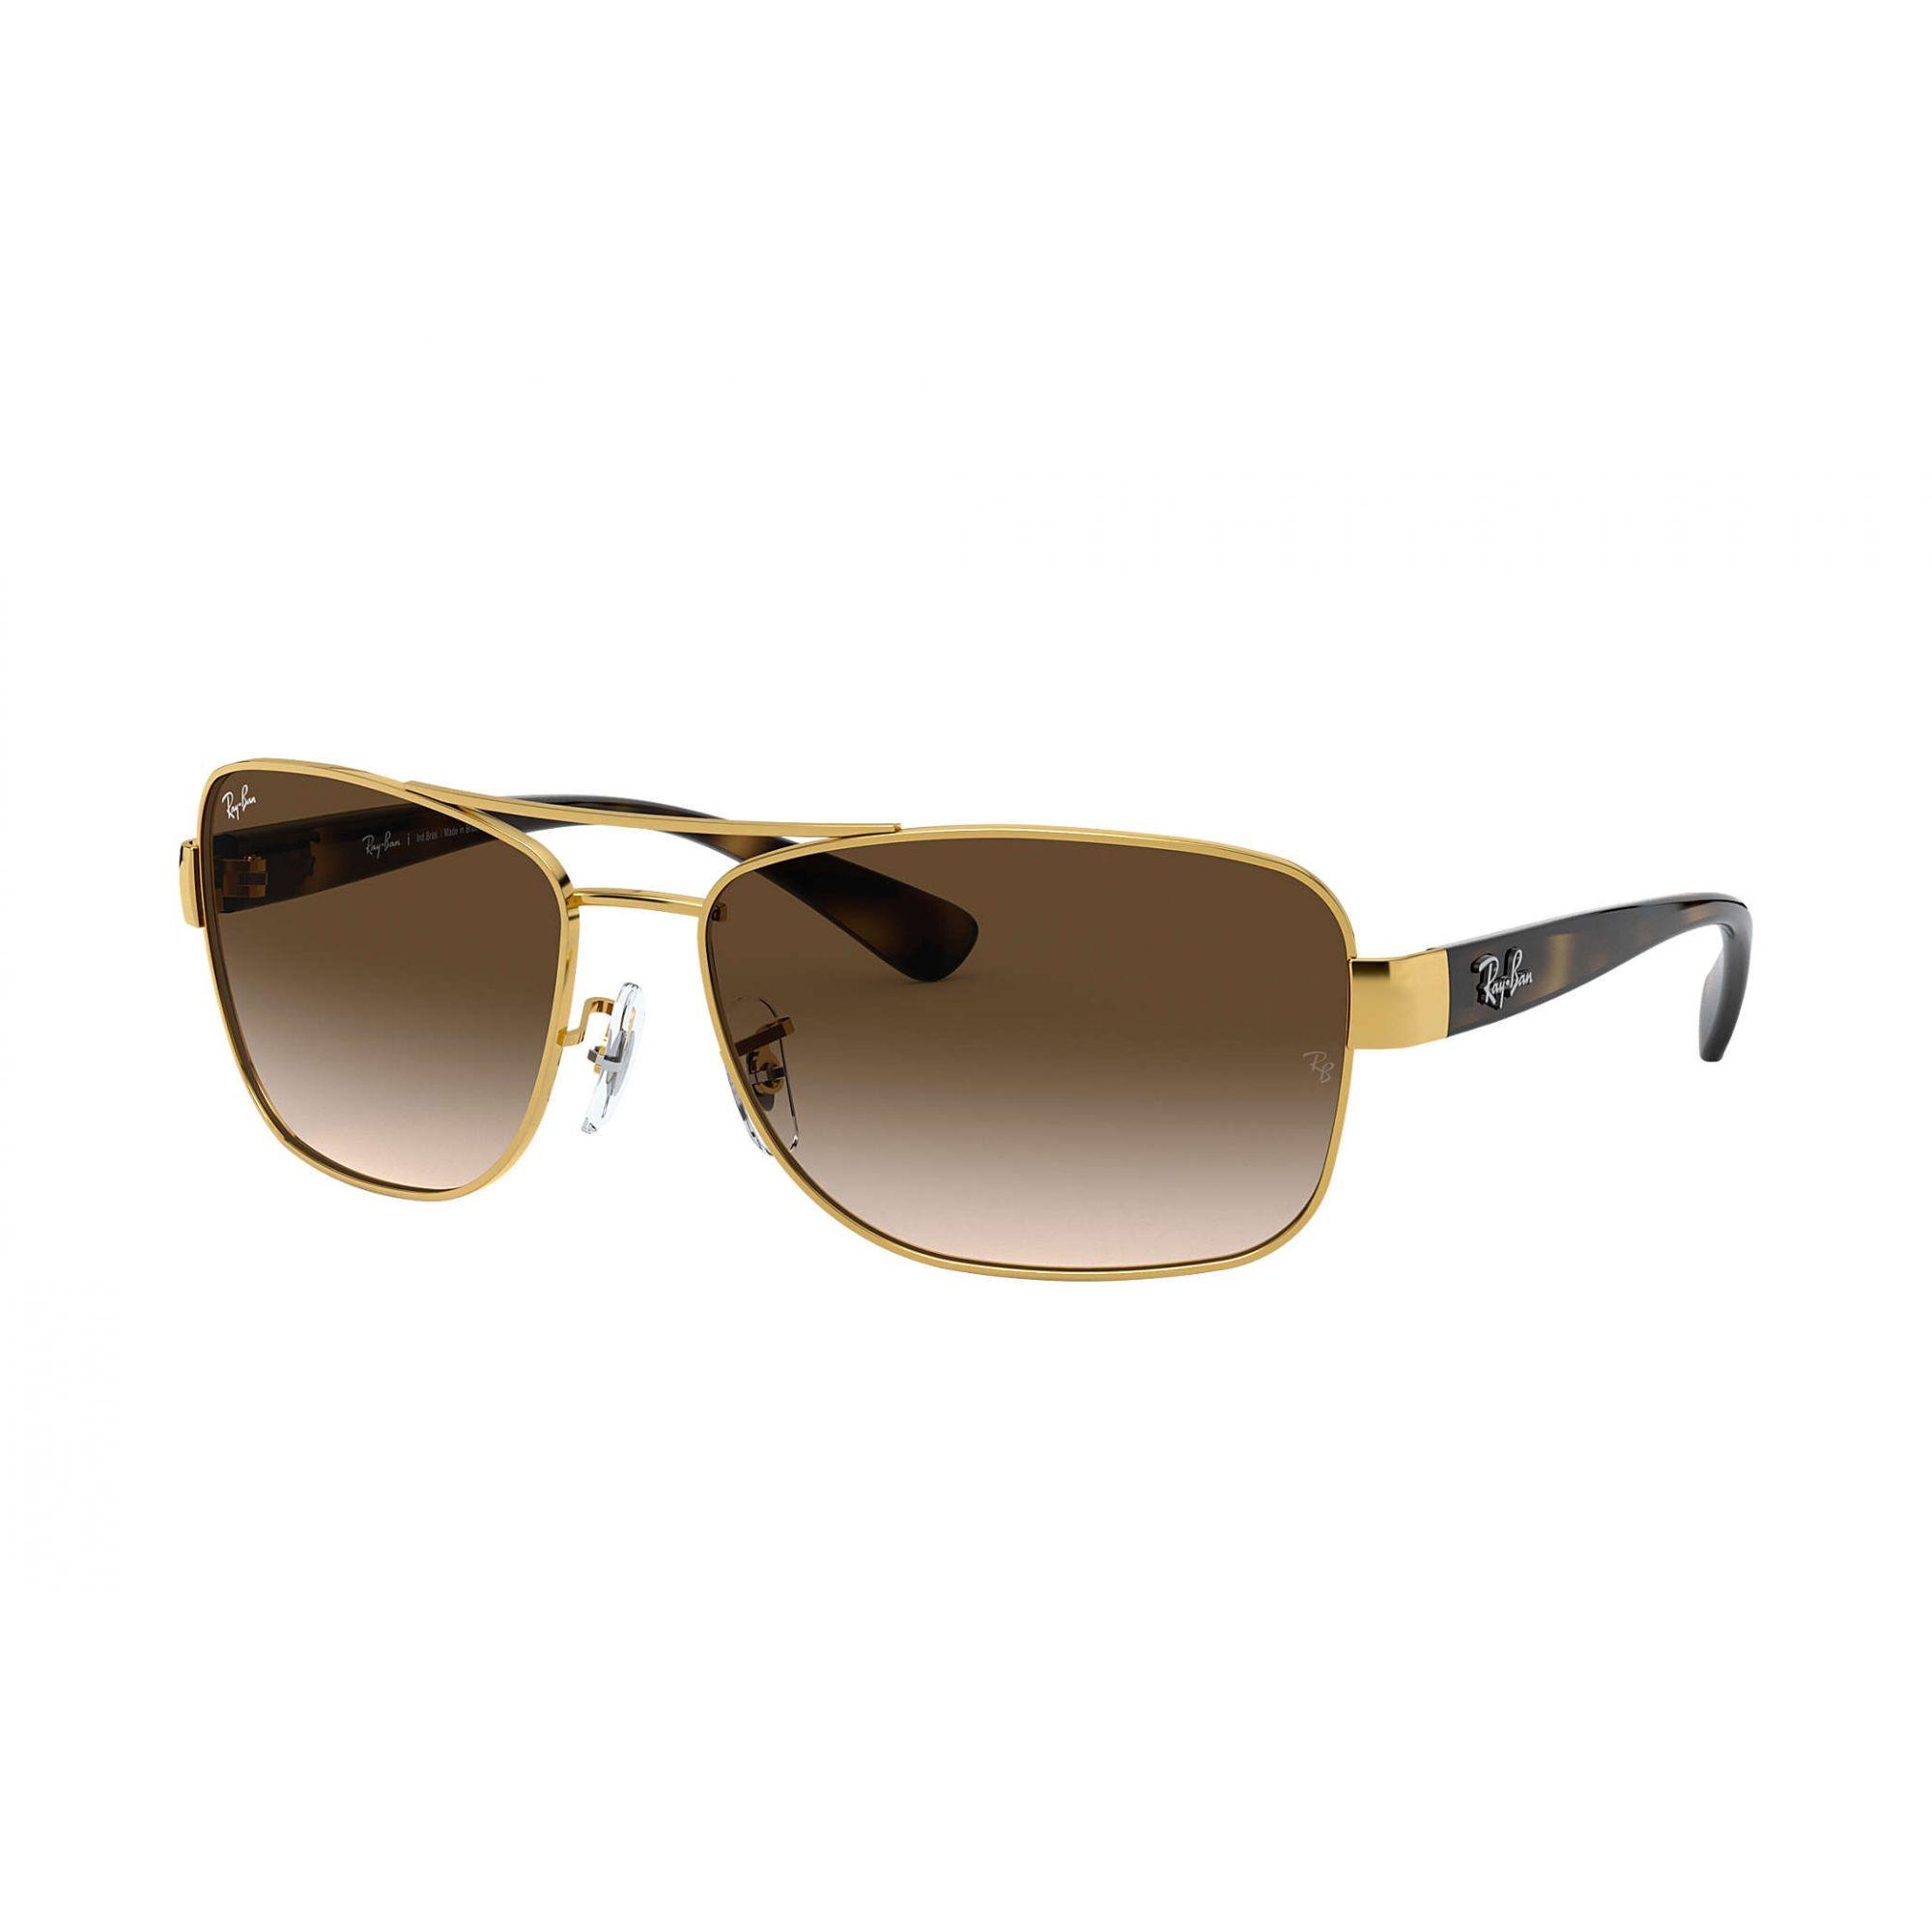 Ray Ban - RB3518L 00113 - Óculos de sol